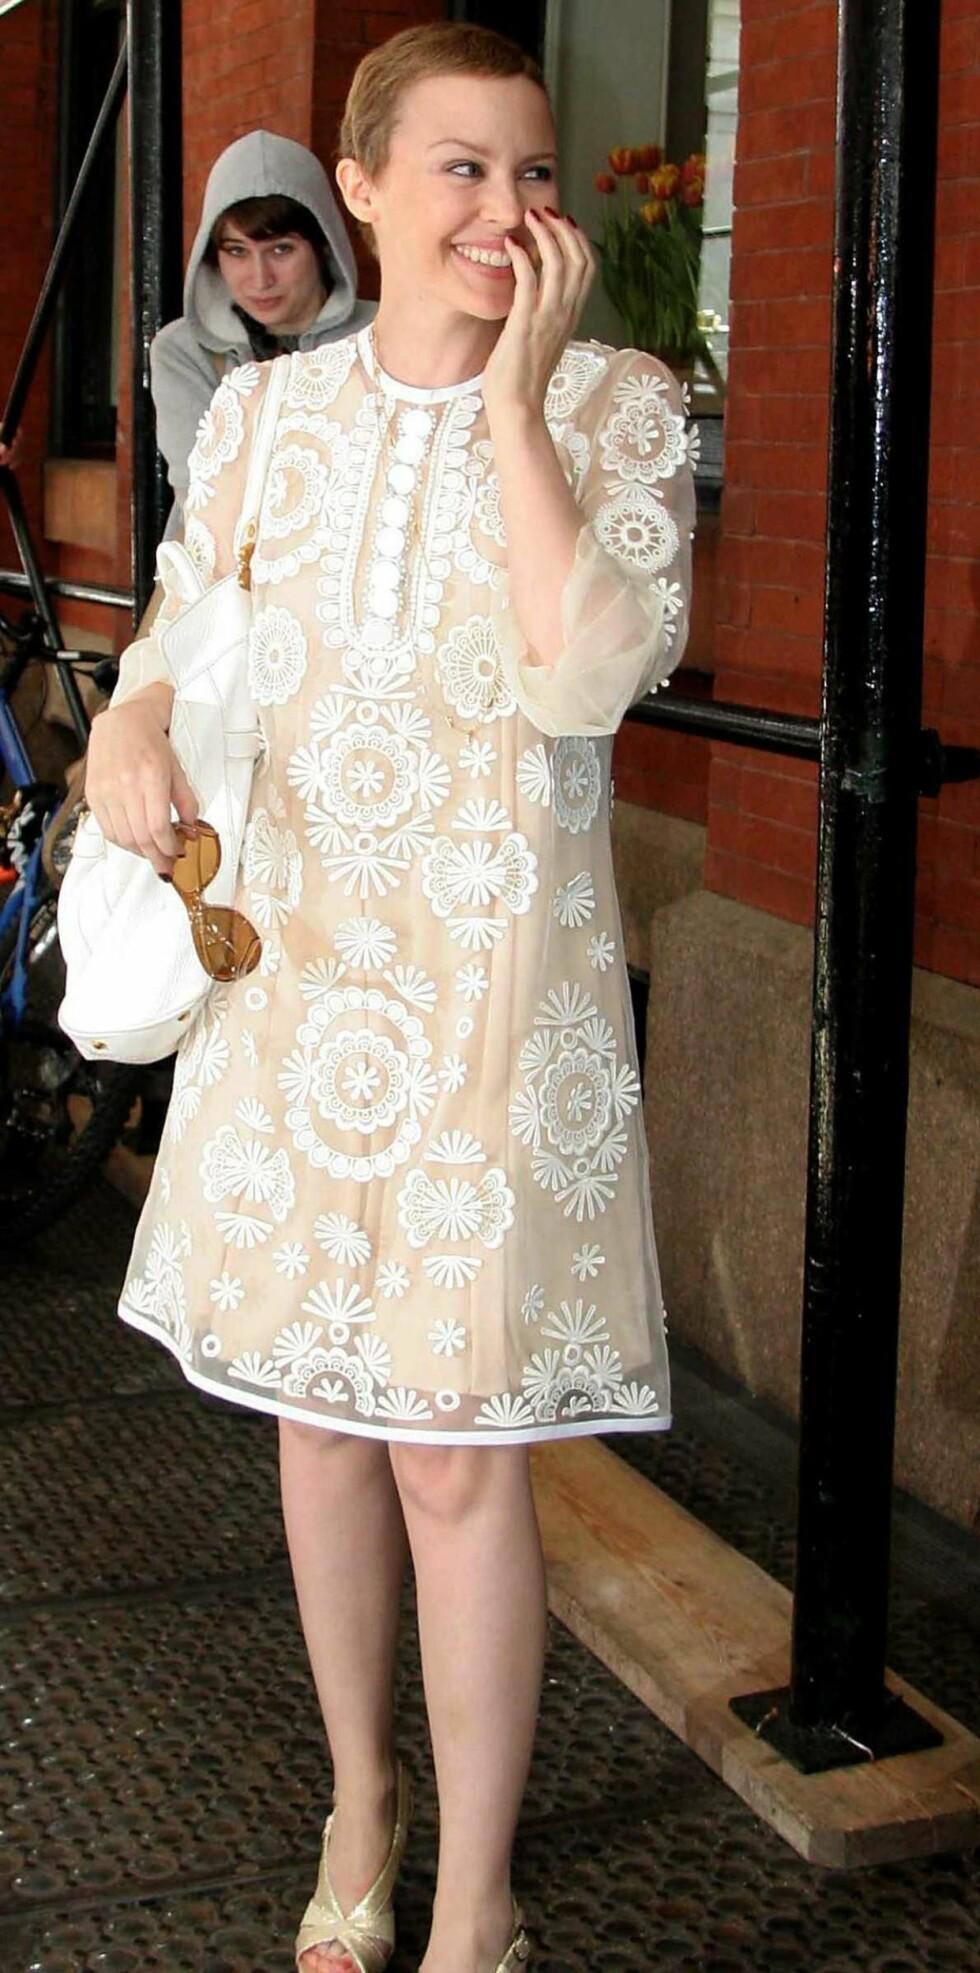 Kylie er et av verdens største stilikon. Her i kjole fra Miu Miu.